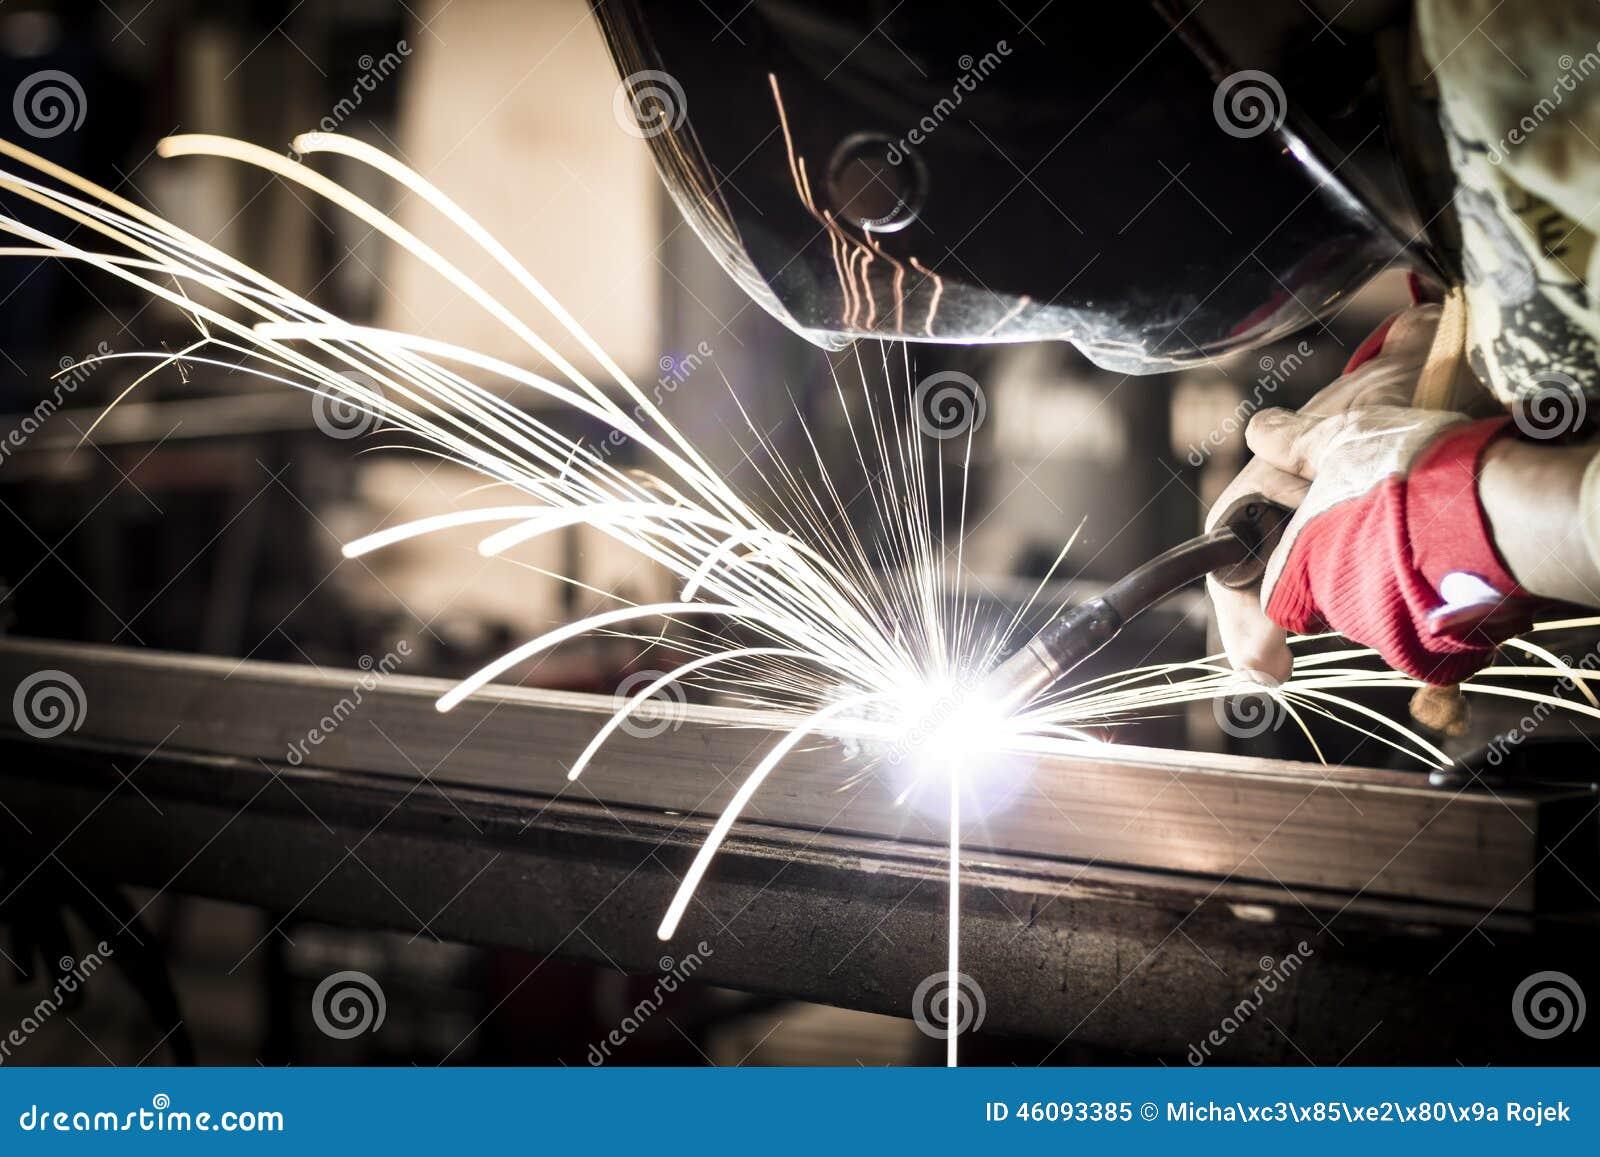 łuku elding hełma światła osłona iskrzy stalowego spaw